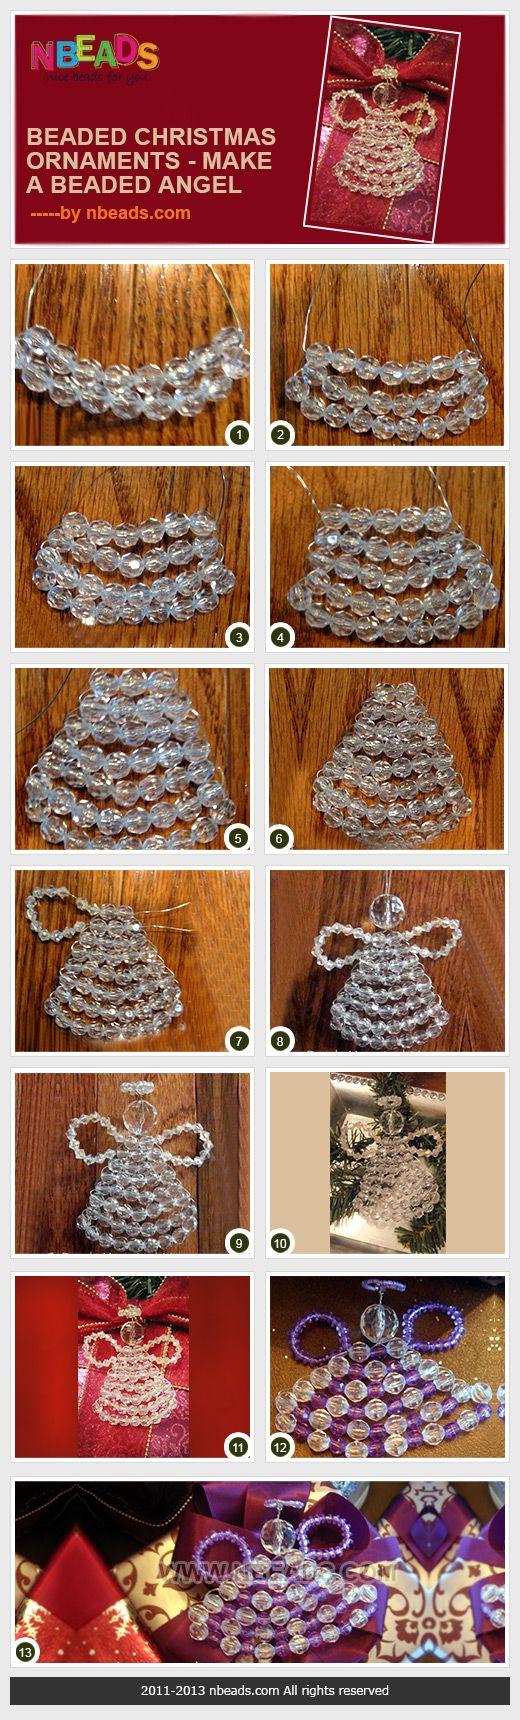 abalorios adornos de Navidad - hacen un ángel de cuentas